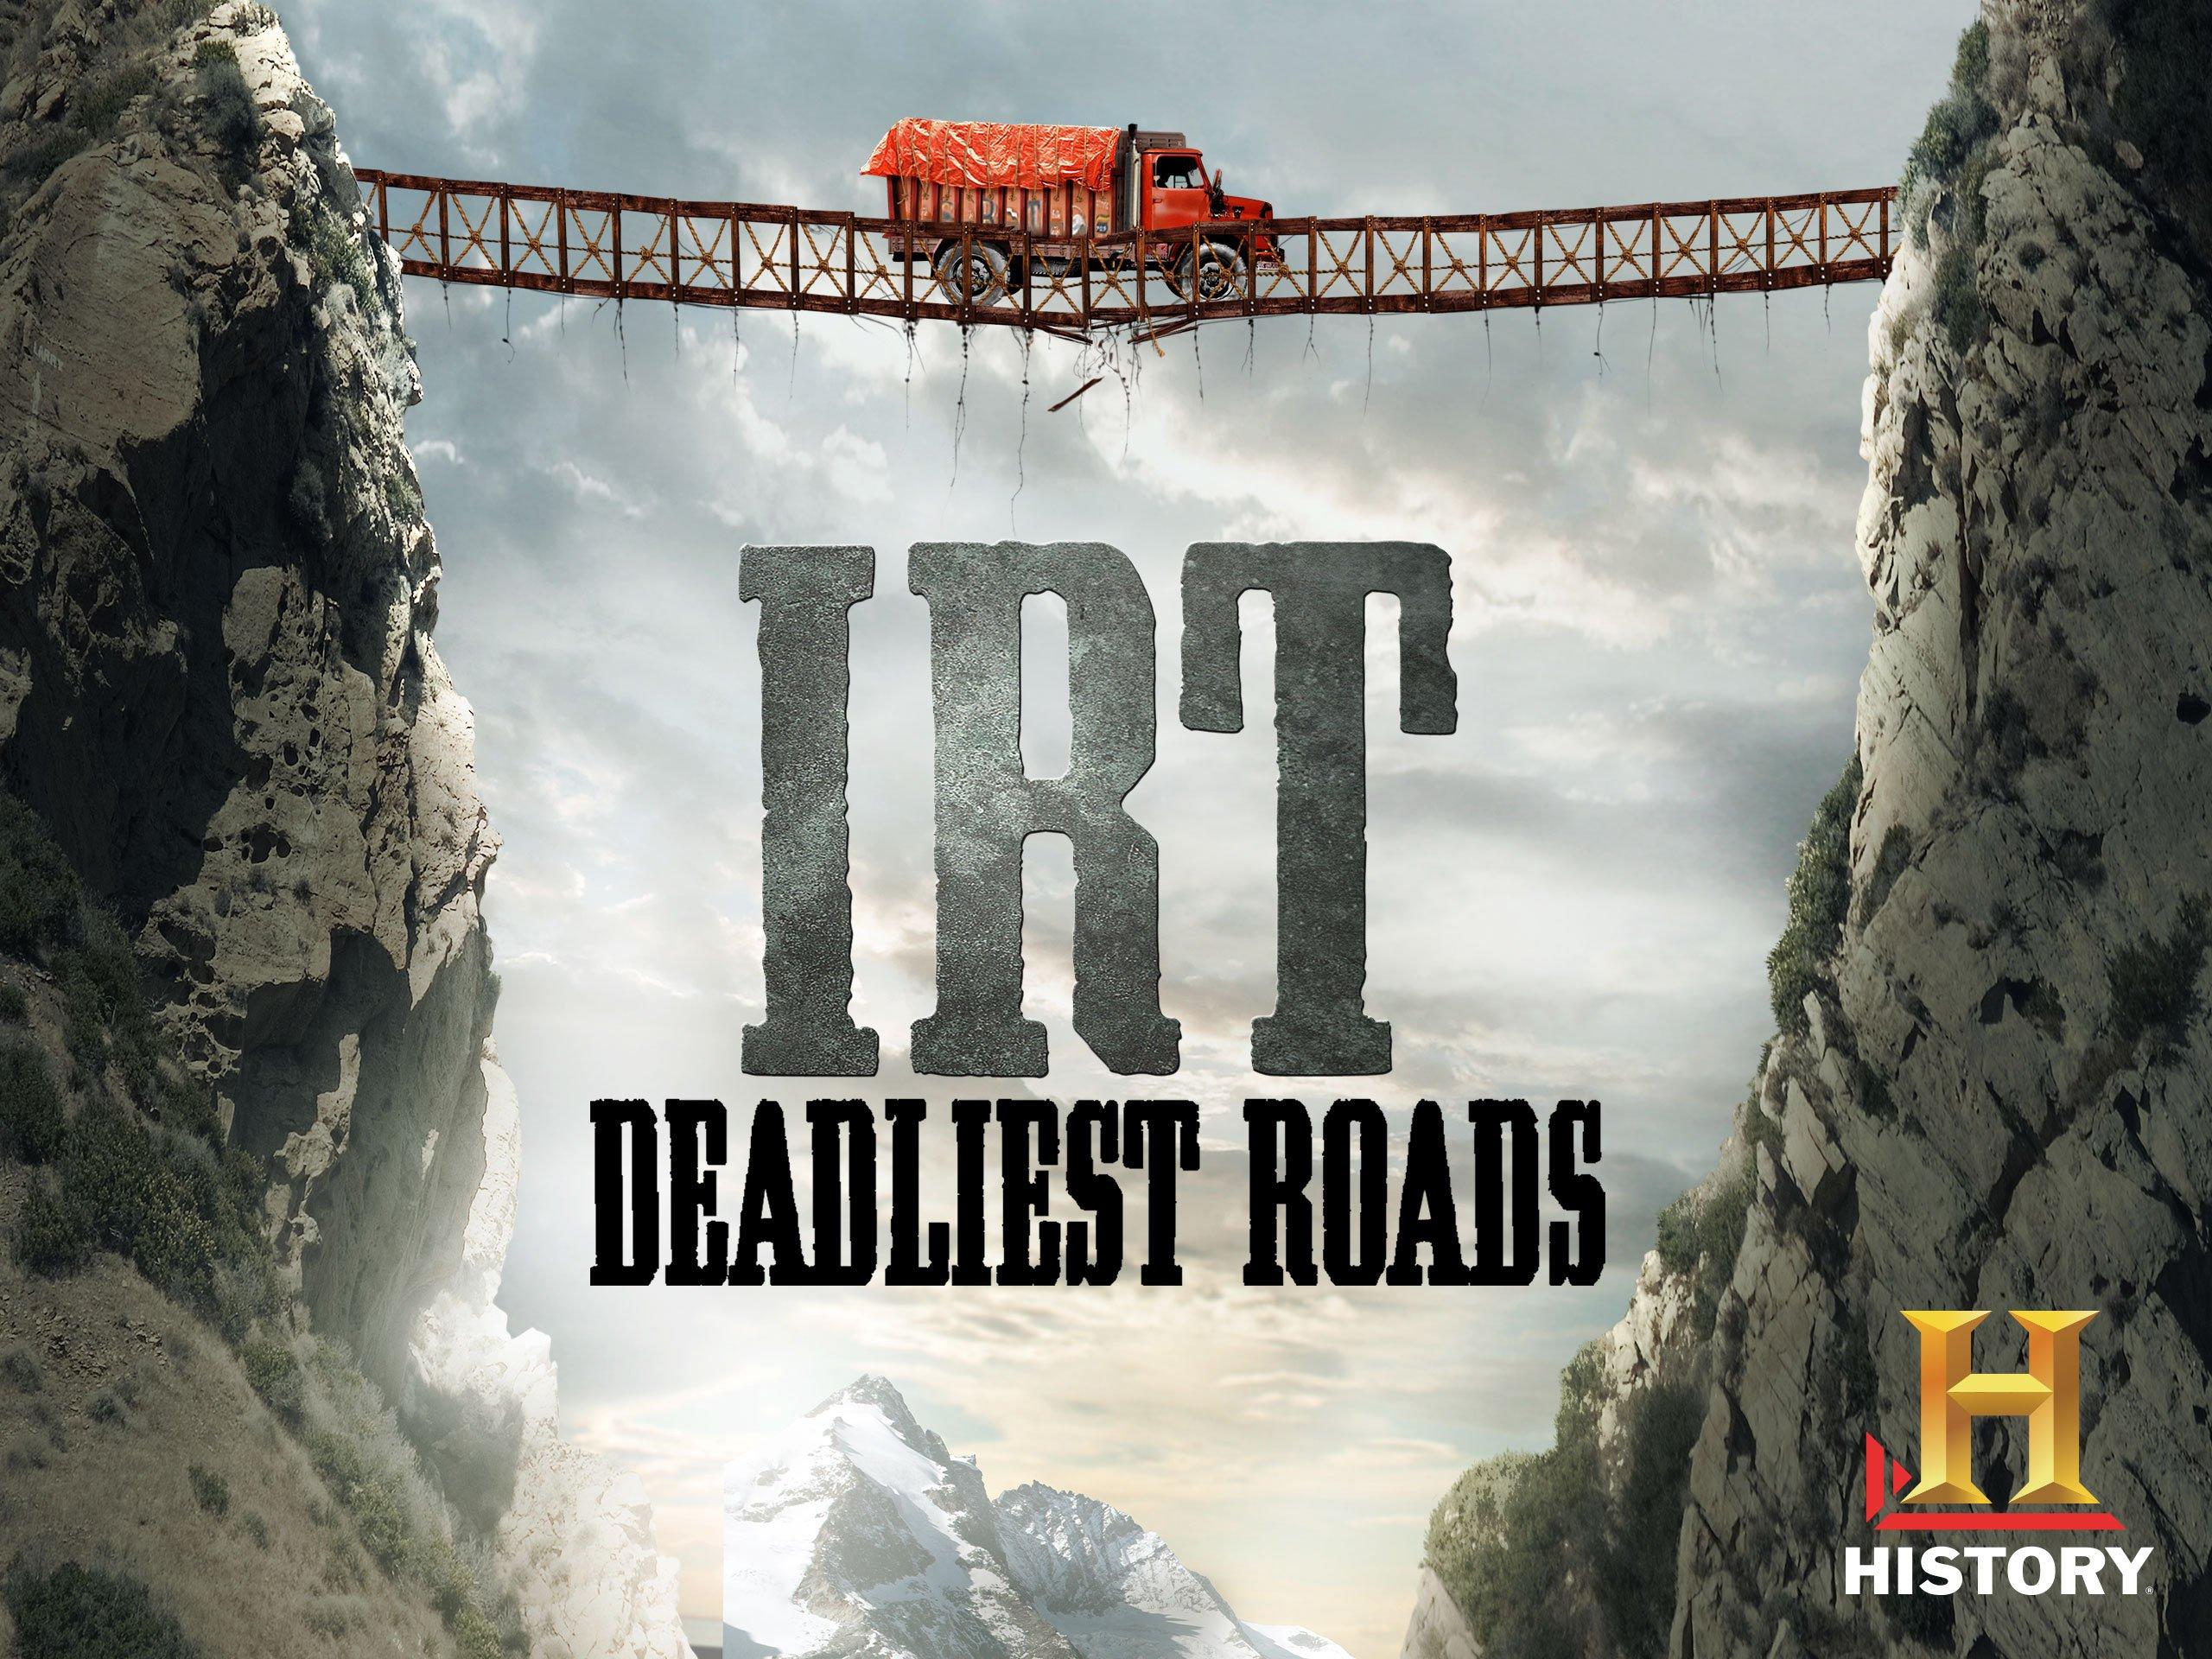 مرگبارترین جاده ها (مستند)